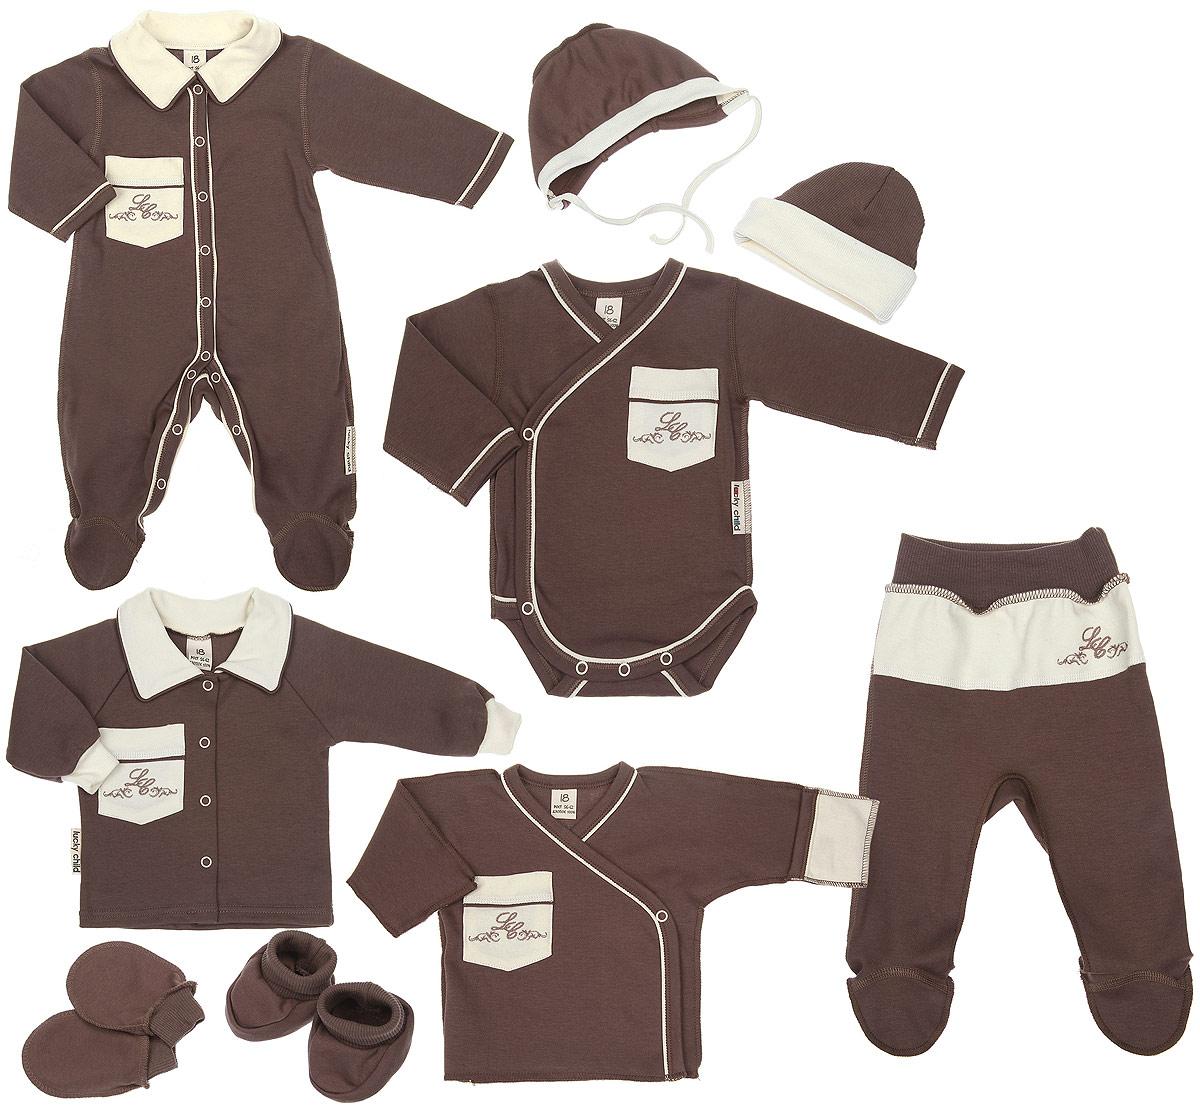 Комплект одежды20-1000Комплект для новорожденного Lucky Child Классик - это замечательный подарок, который прекрасно подойдет для первых дней жизни младенца. Комплект состоит из комбинезона, боди-кимоно, распашонки-кимоно, кофточки, ползунков, шапочки, чепчика, рукавичек и пинеток. Изготовленный из натурального хлопка, он необычайно мягкий и приятный на ощупь, не сковывает движения ребенка и позволяет коже дышать, не раздражает даже самую нежную и чувствительную кожу ребенка, обеспечивая ему наибольший комфорт. Комбинезон с длинными рукавами, отложным воротником контрастного цвета и закрытыми ножками имеет застежки-кнопки от горловины до пяточек, которые помогают легко переодеть младенца или сменить подгузник. На груди изделие дополнено накладным кармашком, украшенным вышивкой. Швы выполнены наружу. Удобное боди-кимоно с длинными рукавами и V-образным вырезом горловины имеет удобные застежки- кнопки по принципу кимоно, а также кнопки на ластовице, которые помогают легко...